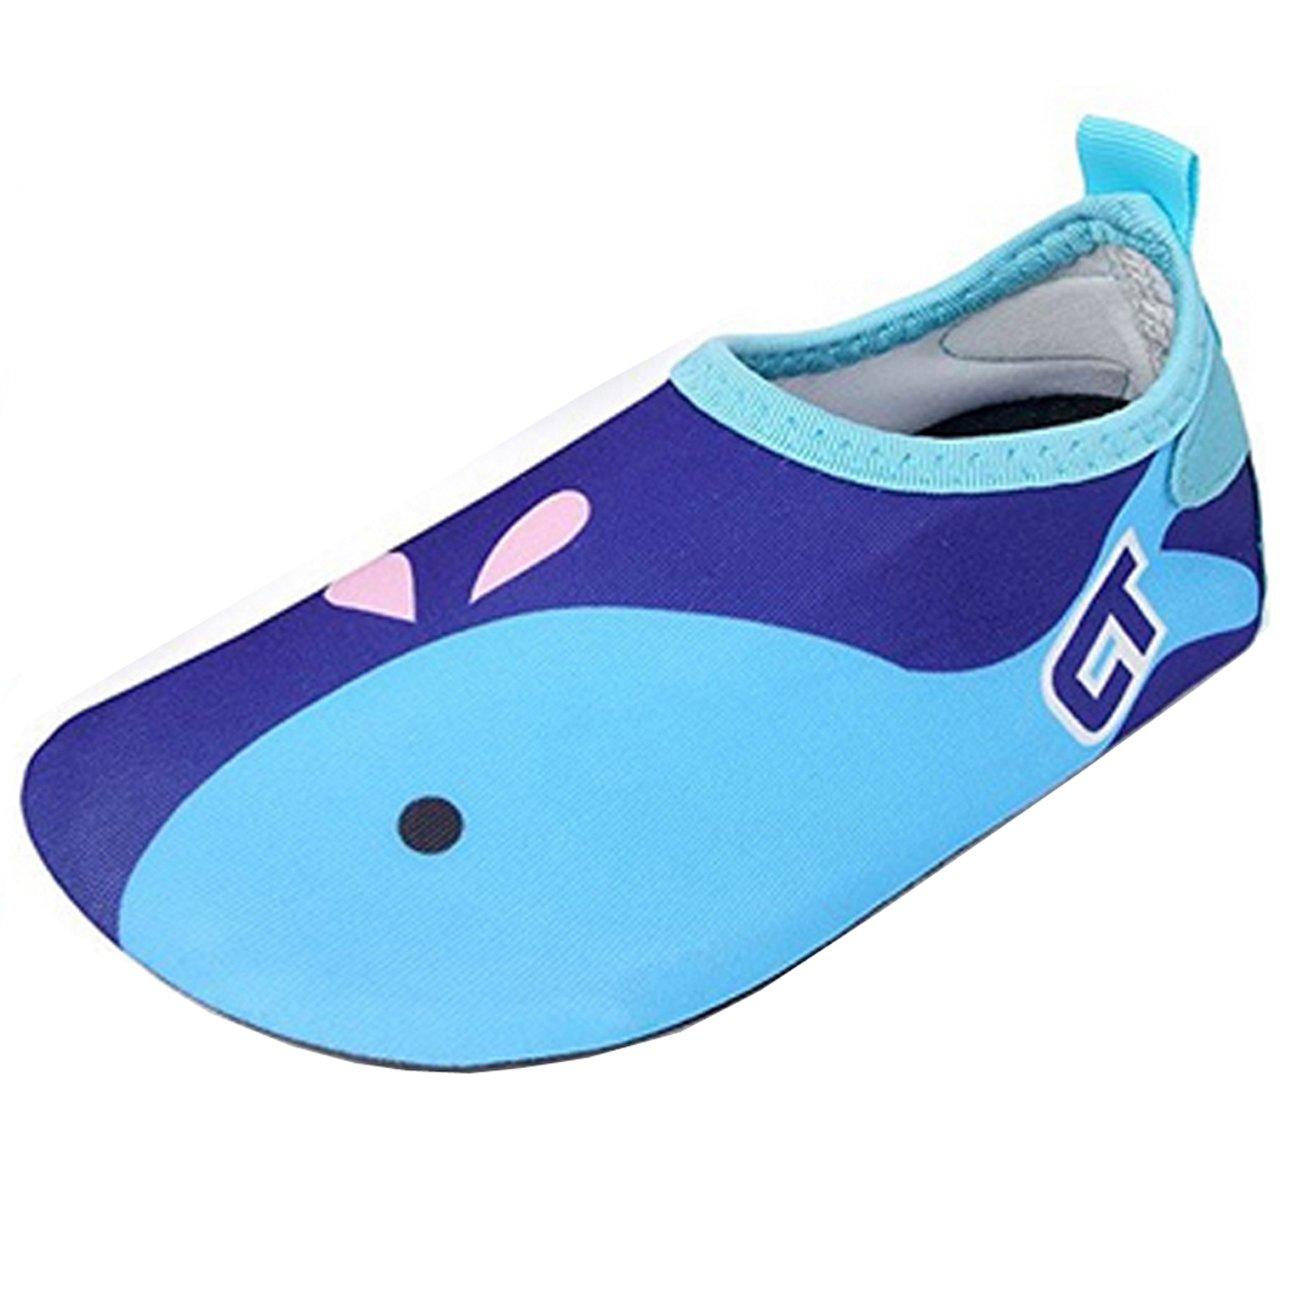 94d2bad21 ECOTISH Zapatos Agua de Natación Infantil para Niños Niñas Slip on Suave Zapatillas  Deportivos Acuático para ...